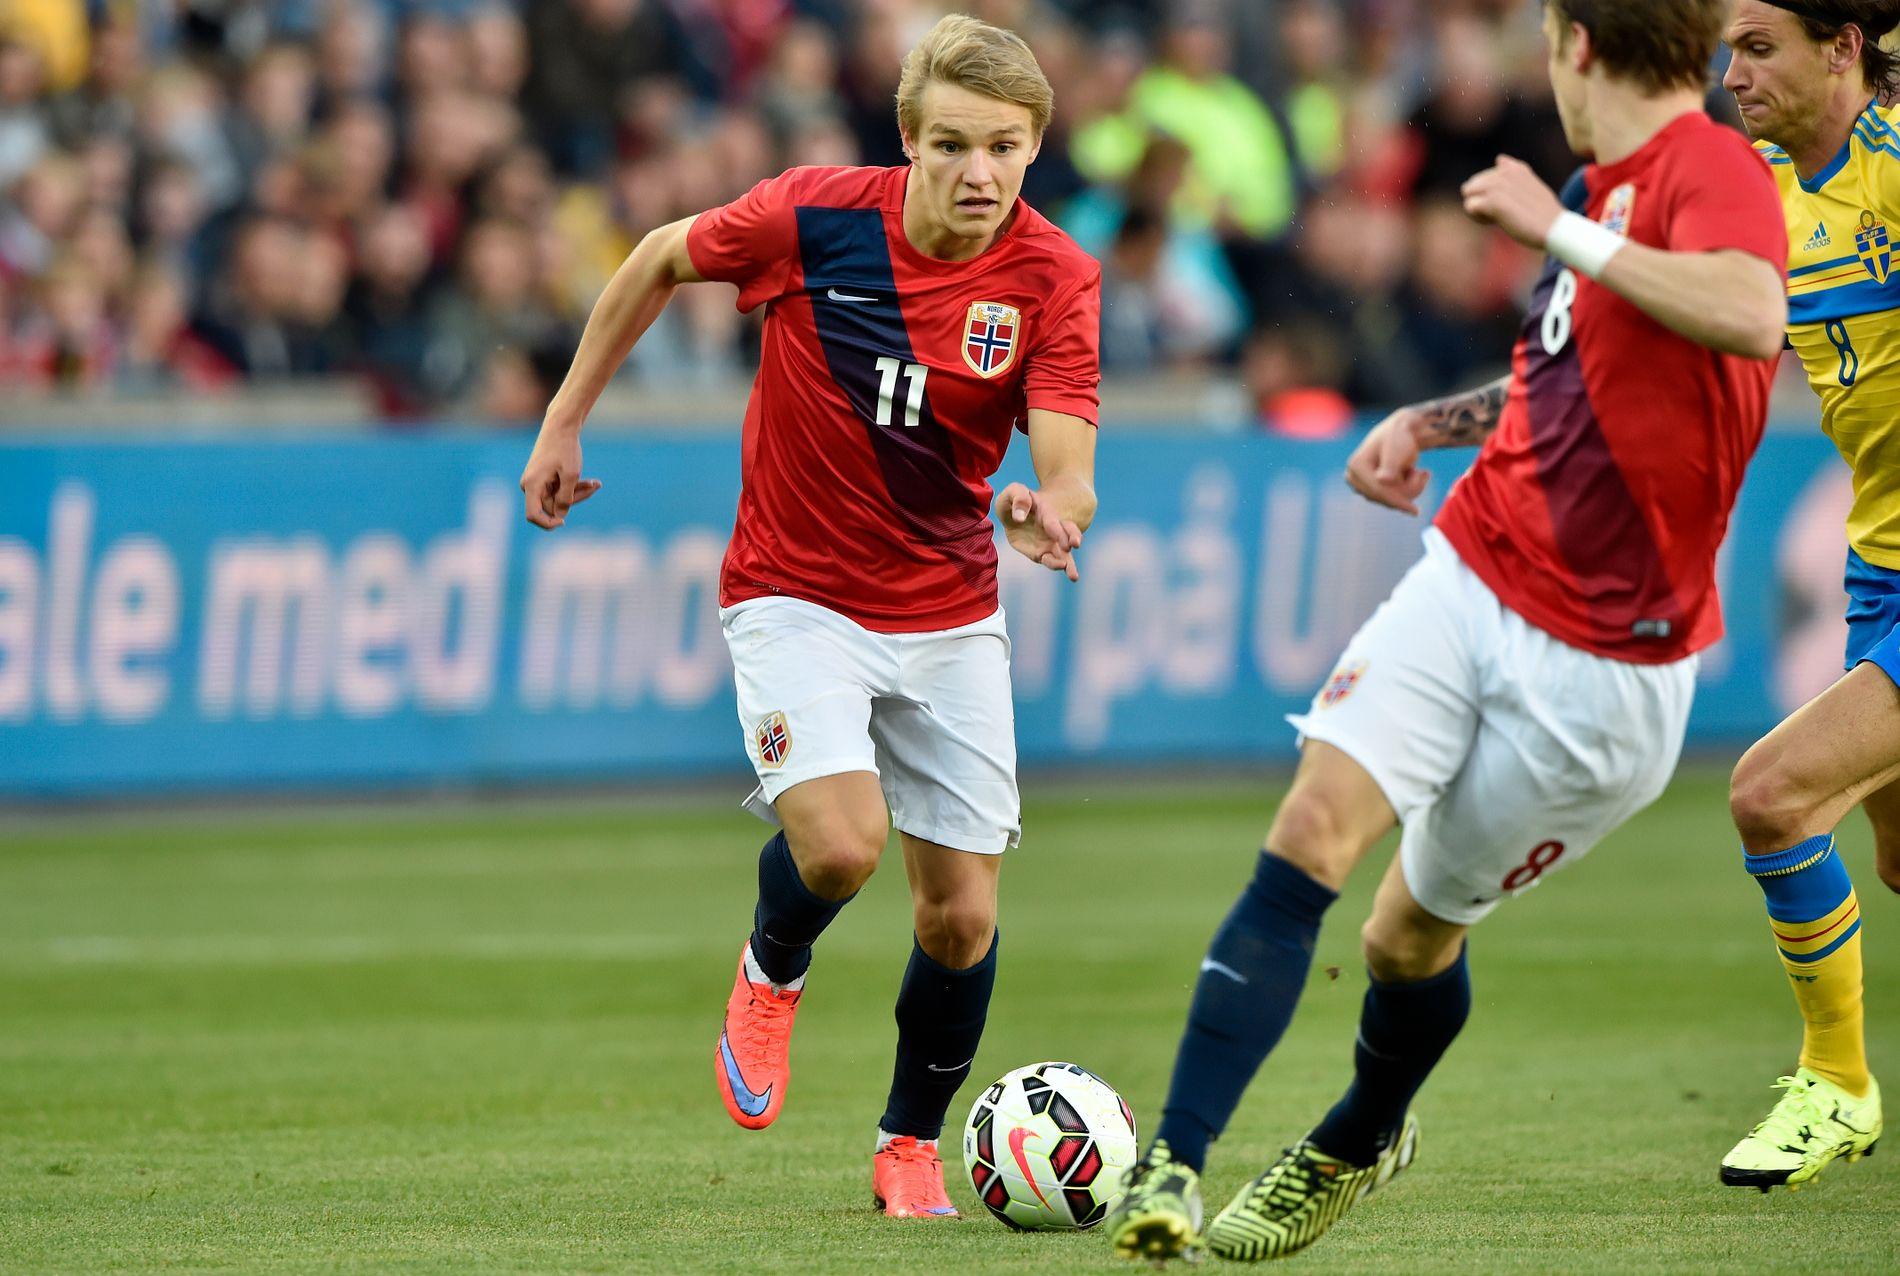 TILBAKE I MADRID: Martin Ødegaard er ferdig med sitt opphold i Heerenveen. Her under en privatlandskamp mot Sverige i 2015.